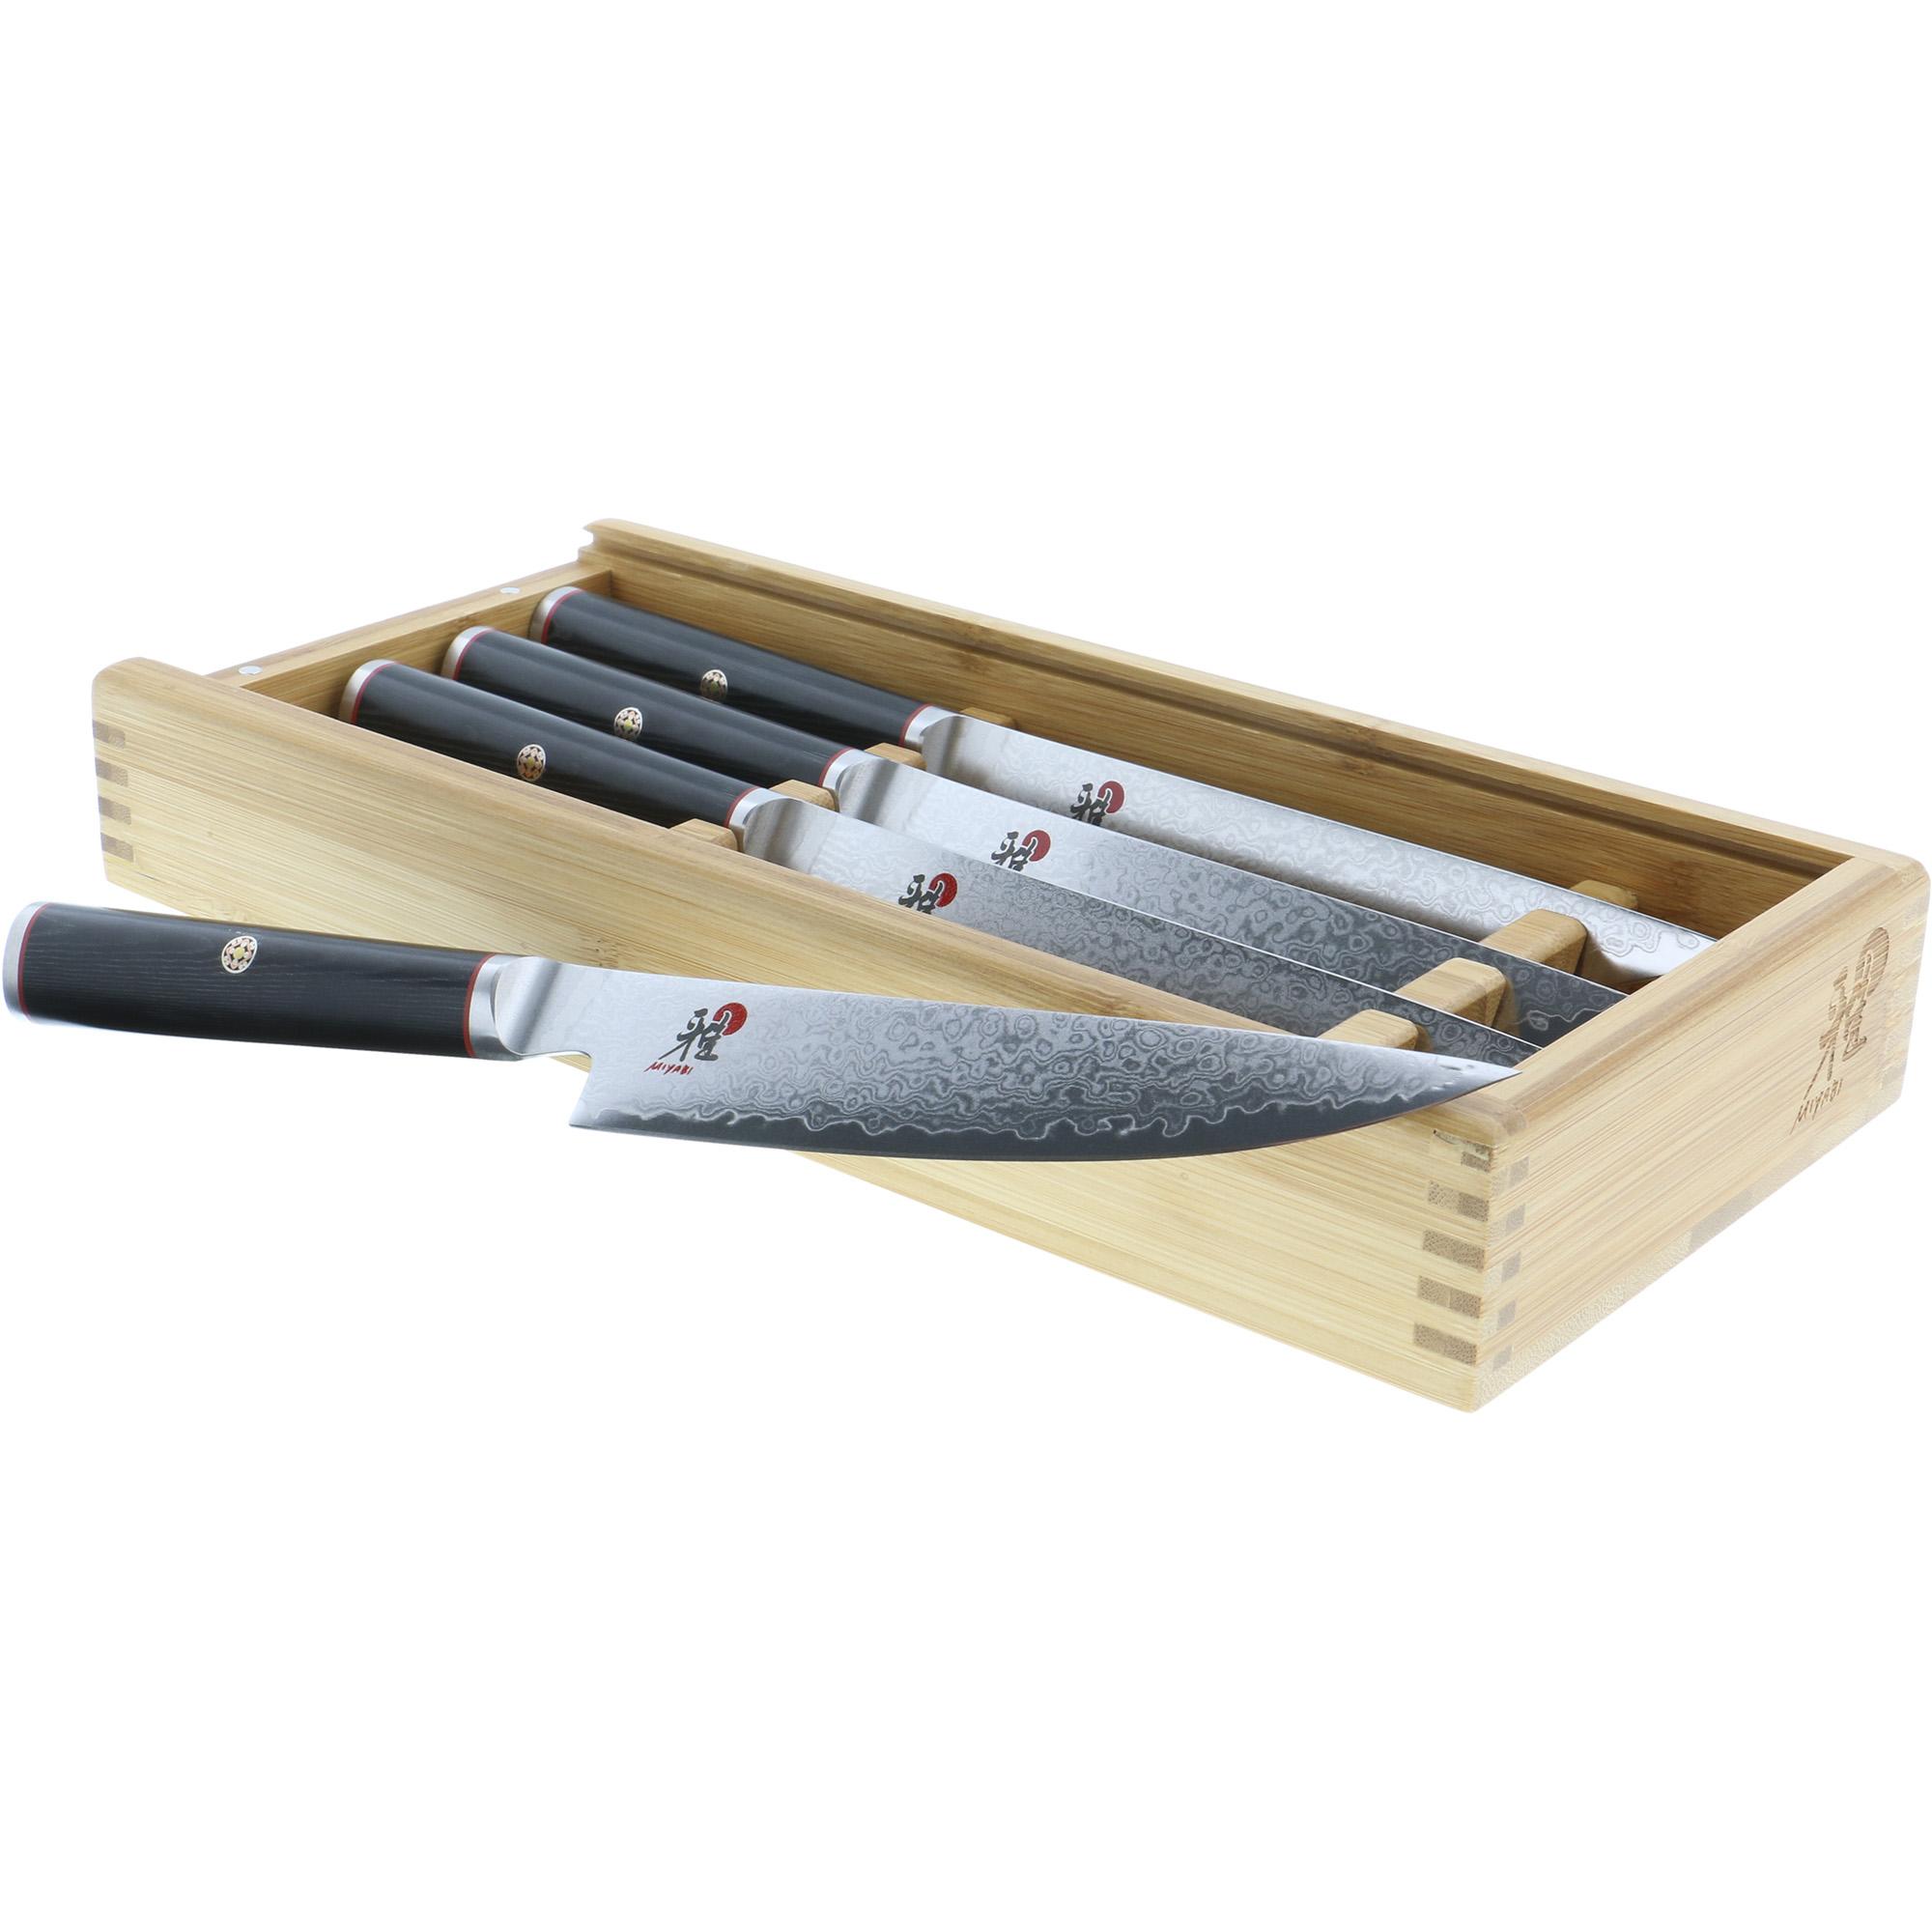 Miyabi Kaizen 4-pc Steak Knife Set